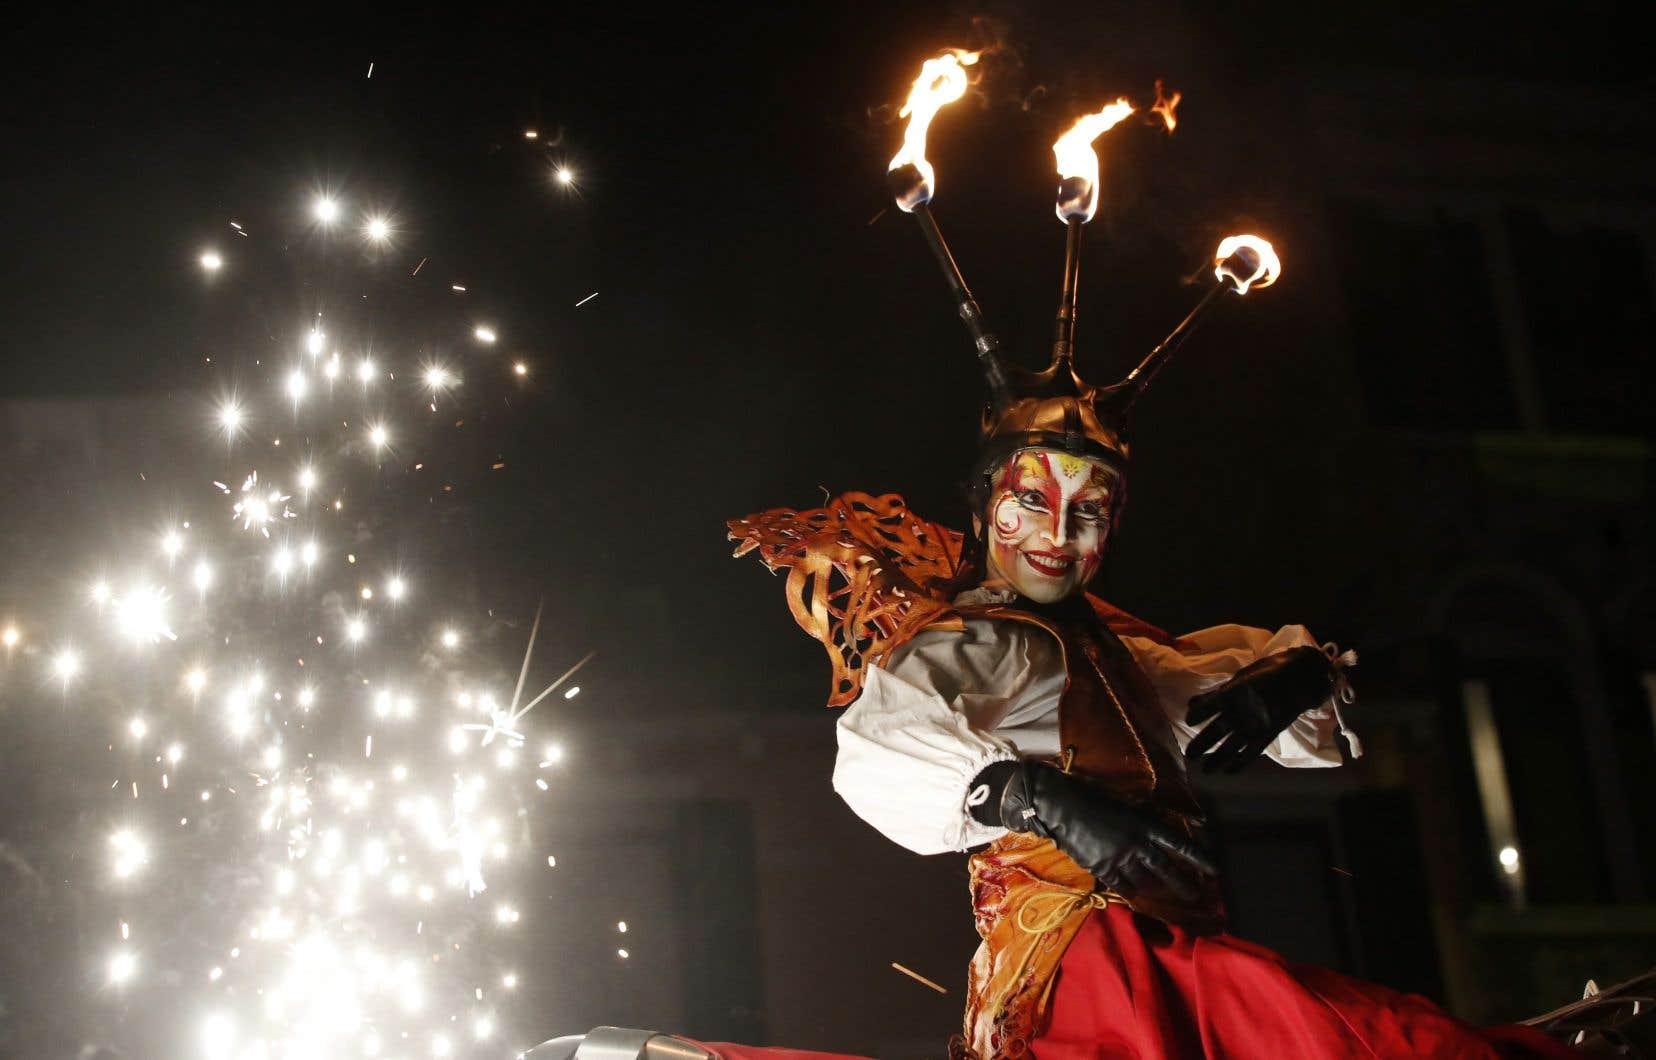 Un artiste masqué au Carnaval de Venise, l'un des plus vieux du monde